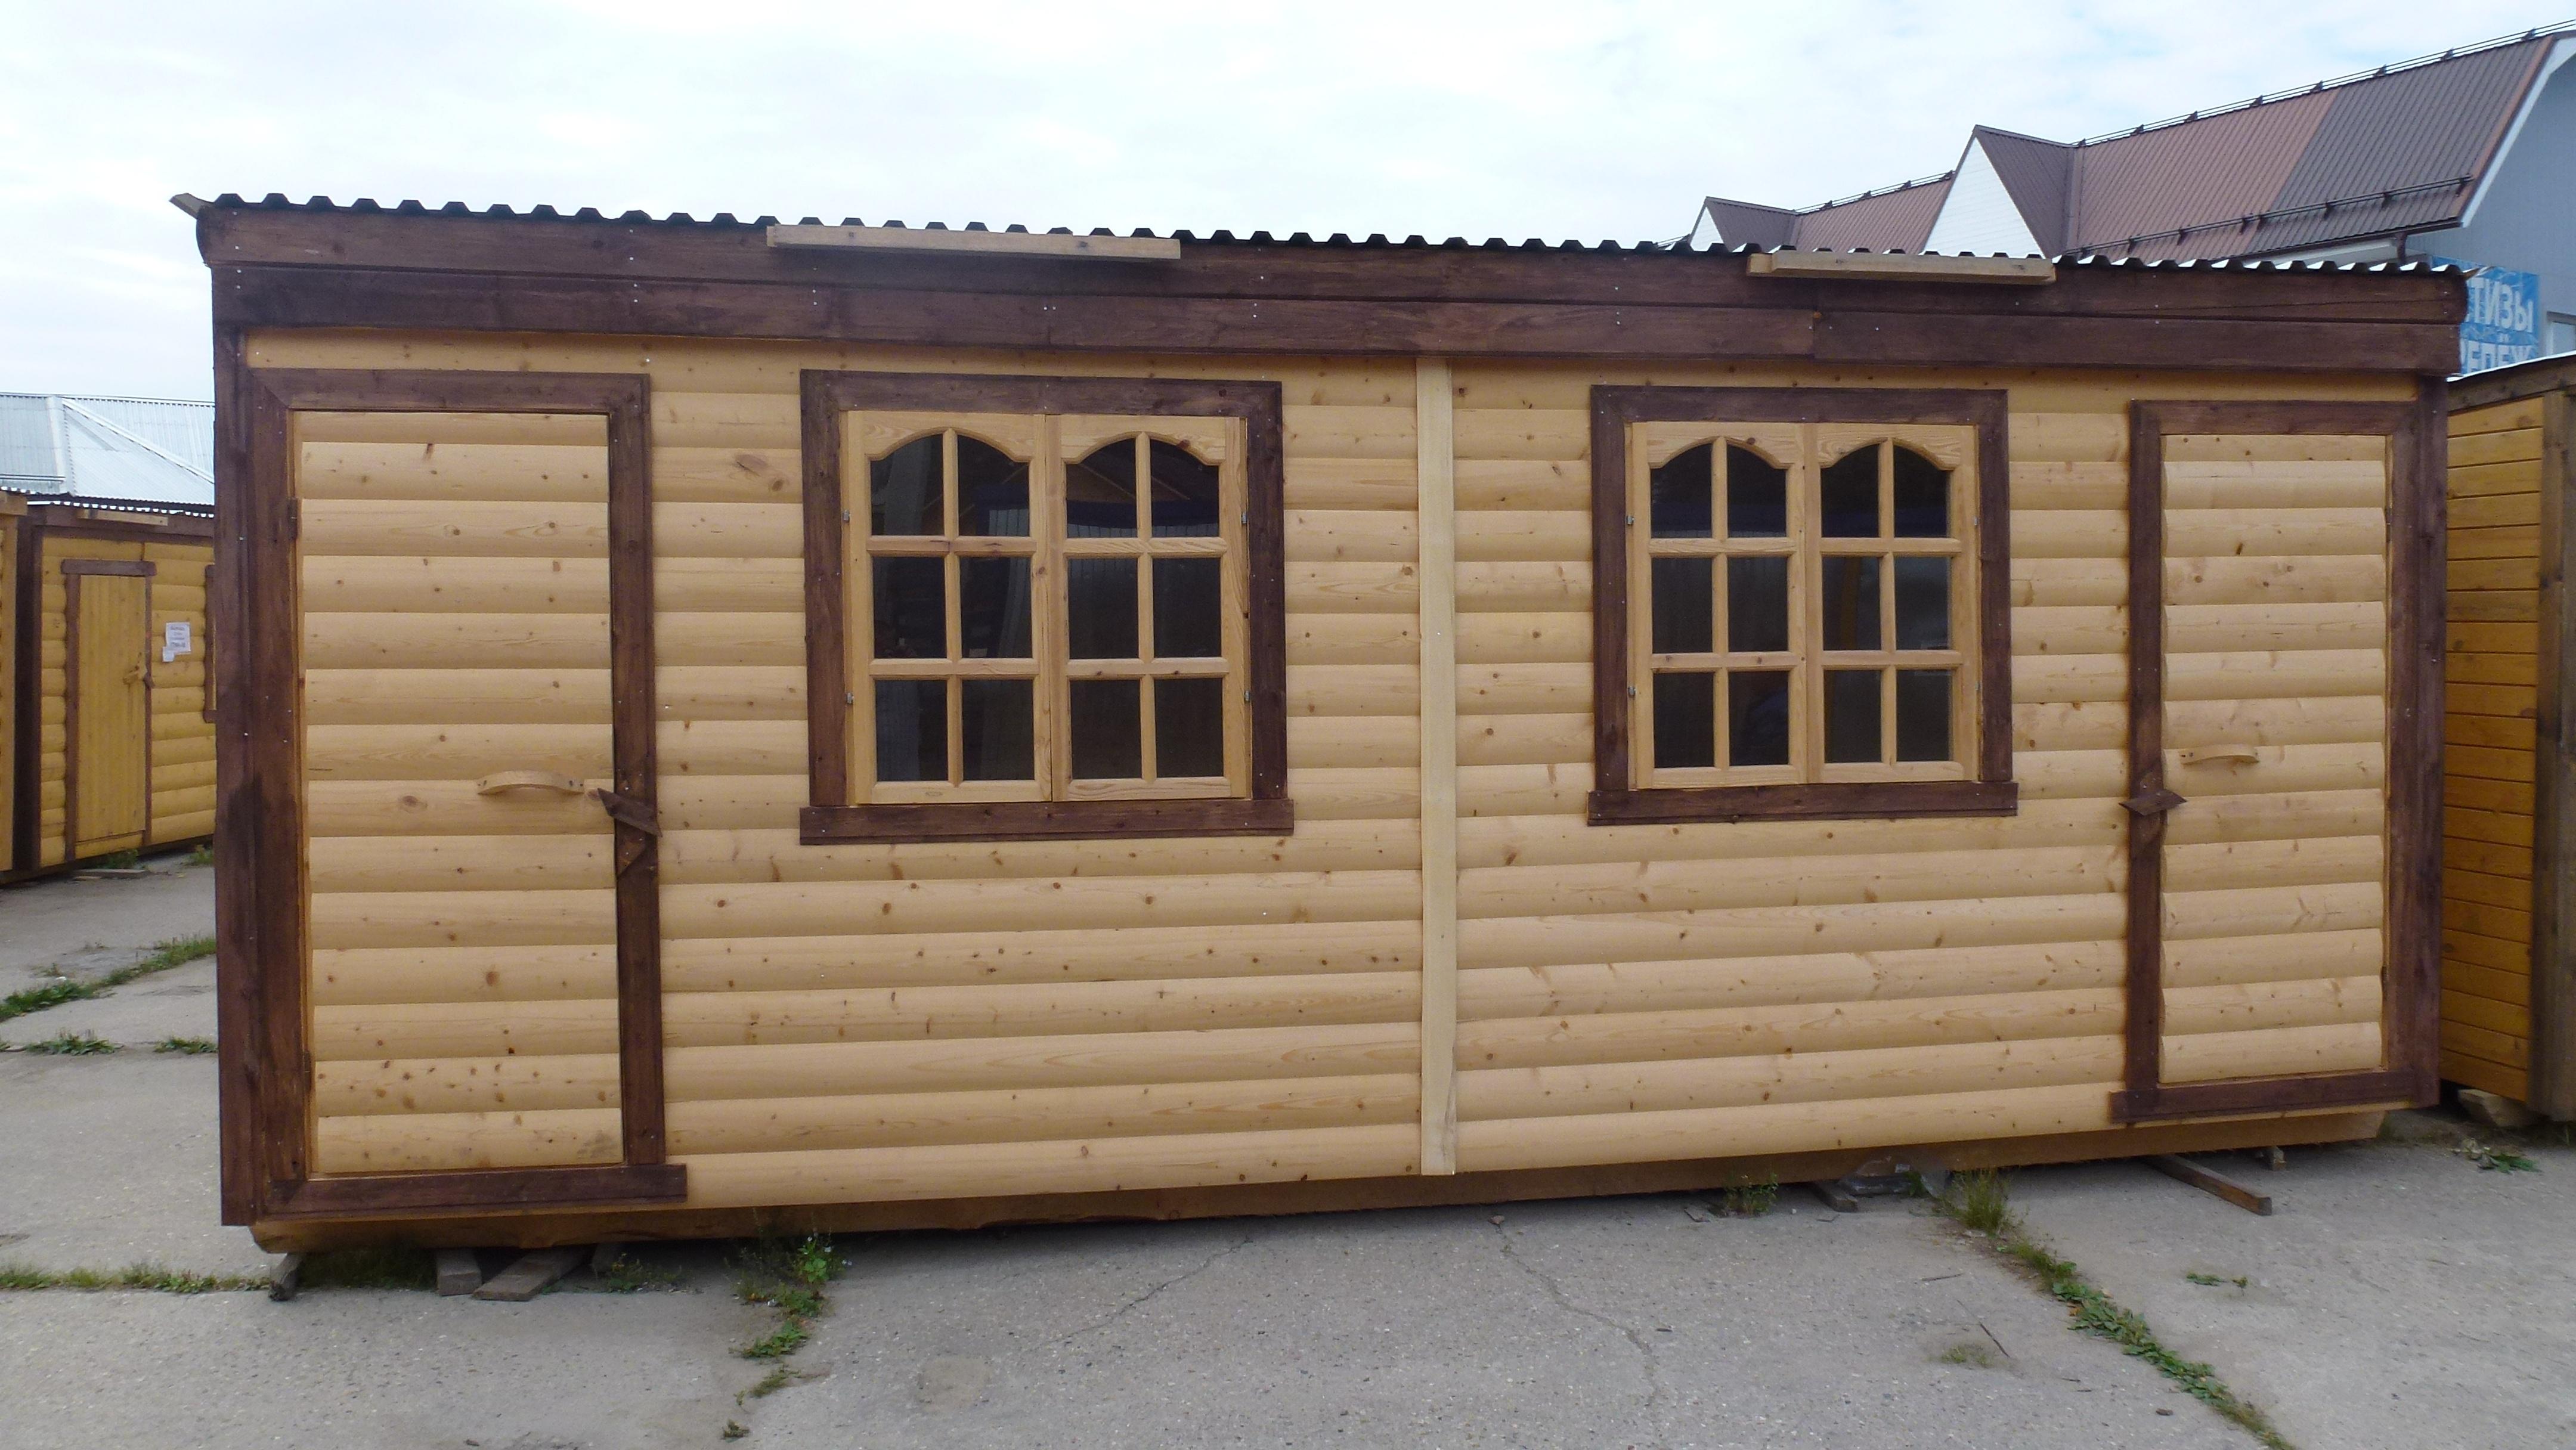 Двухкомнатная деревянная строительная бытовка БД-05 7x2,3 м